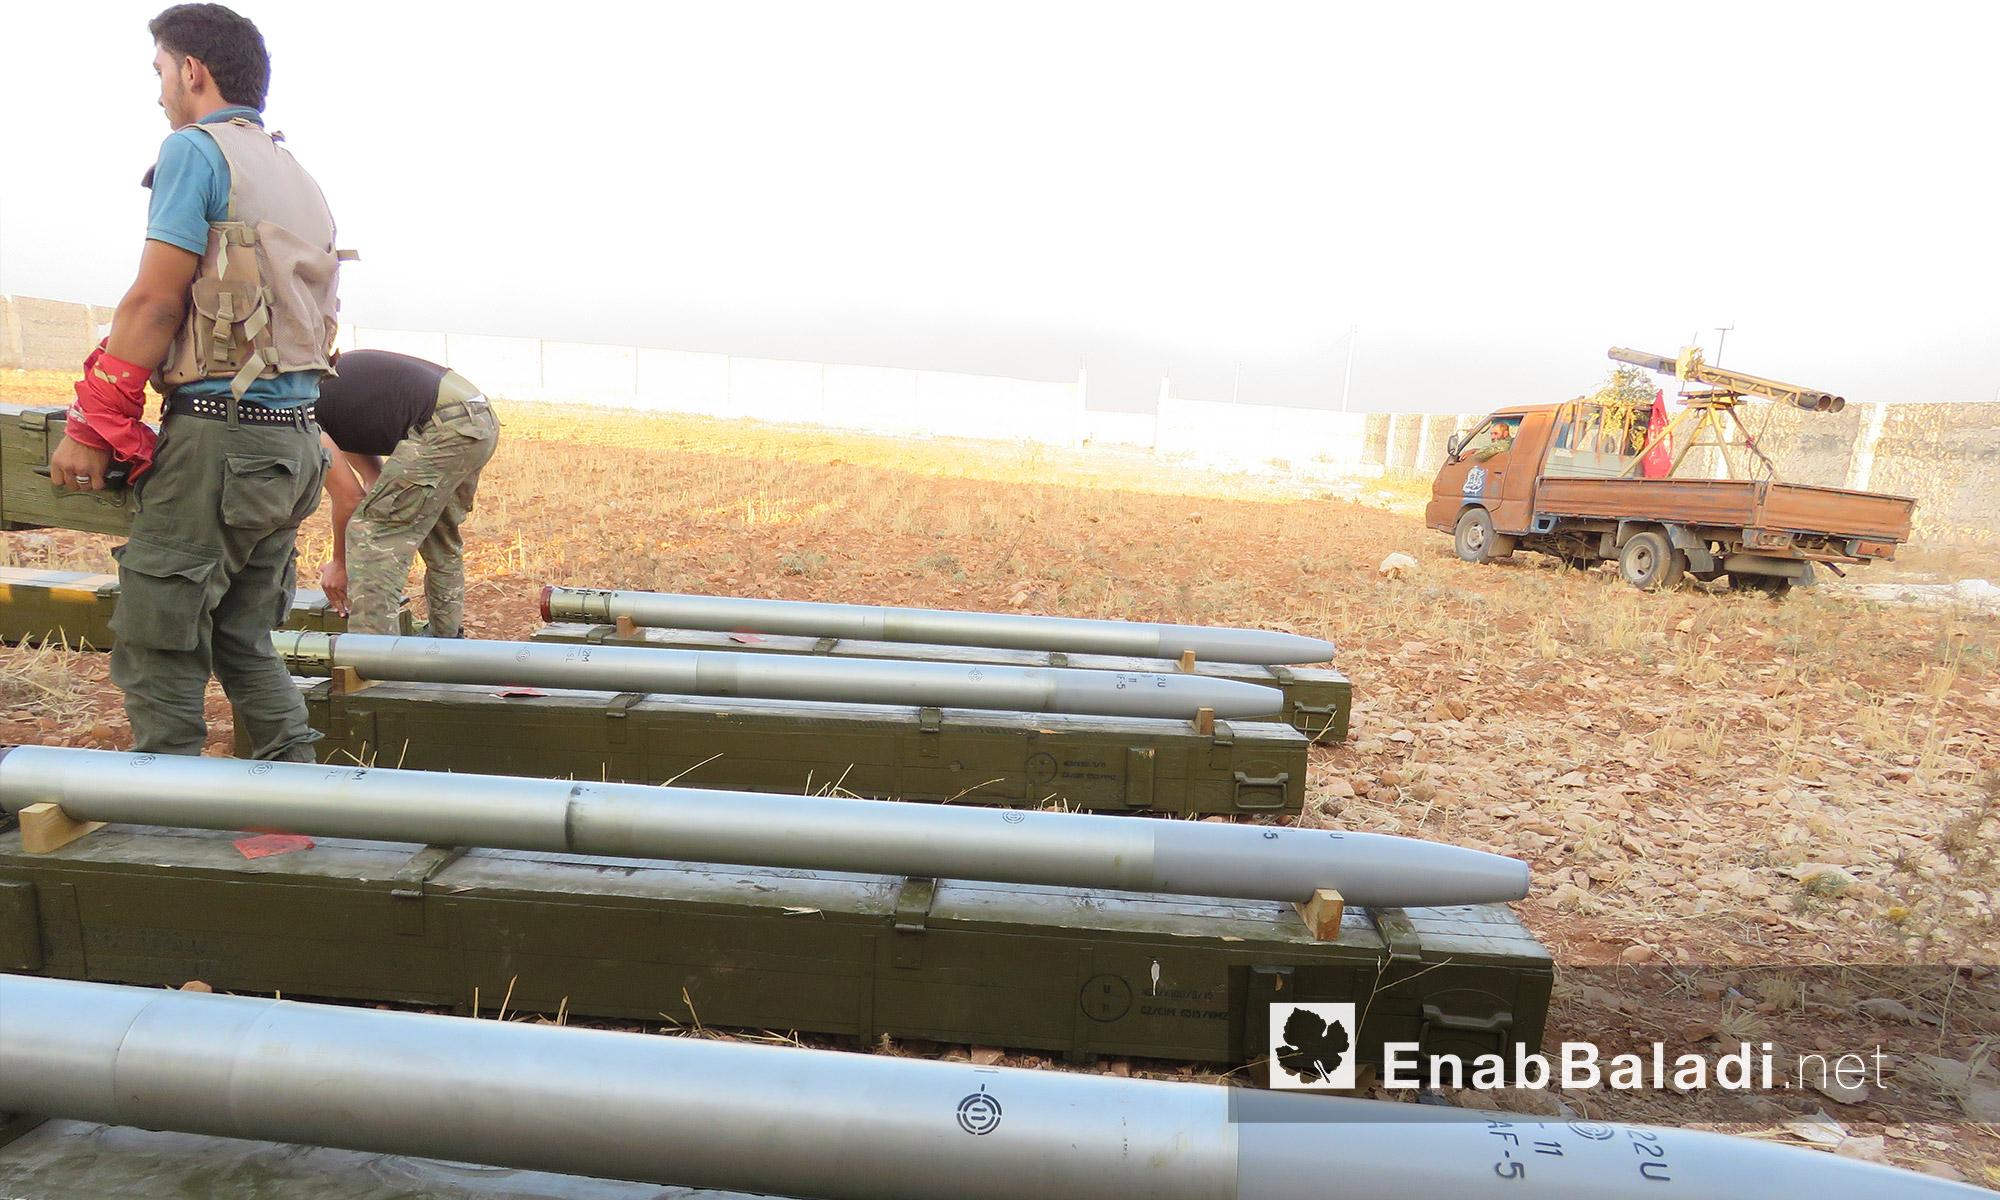 """صواريخ """"لواء السلطان مراد""""  قبل استهداف الأكاديمية العسكرية في حلب - الاثنين 8 آب (عنب بلدي)"""